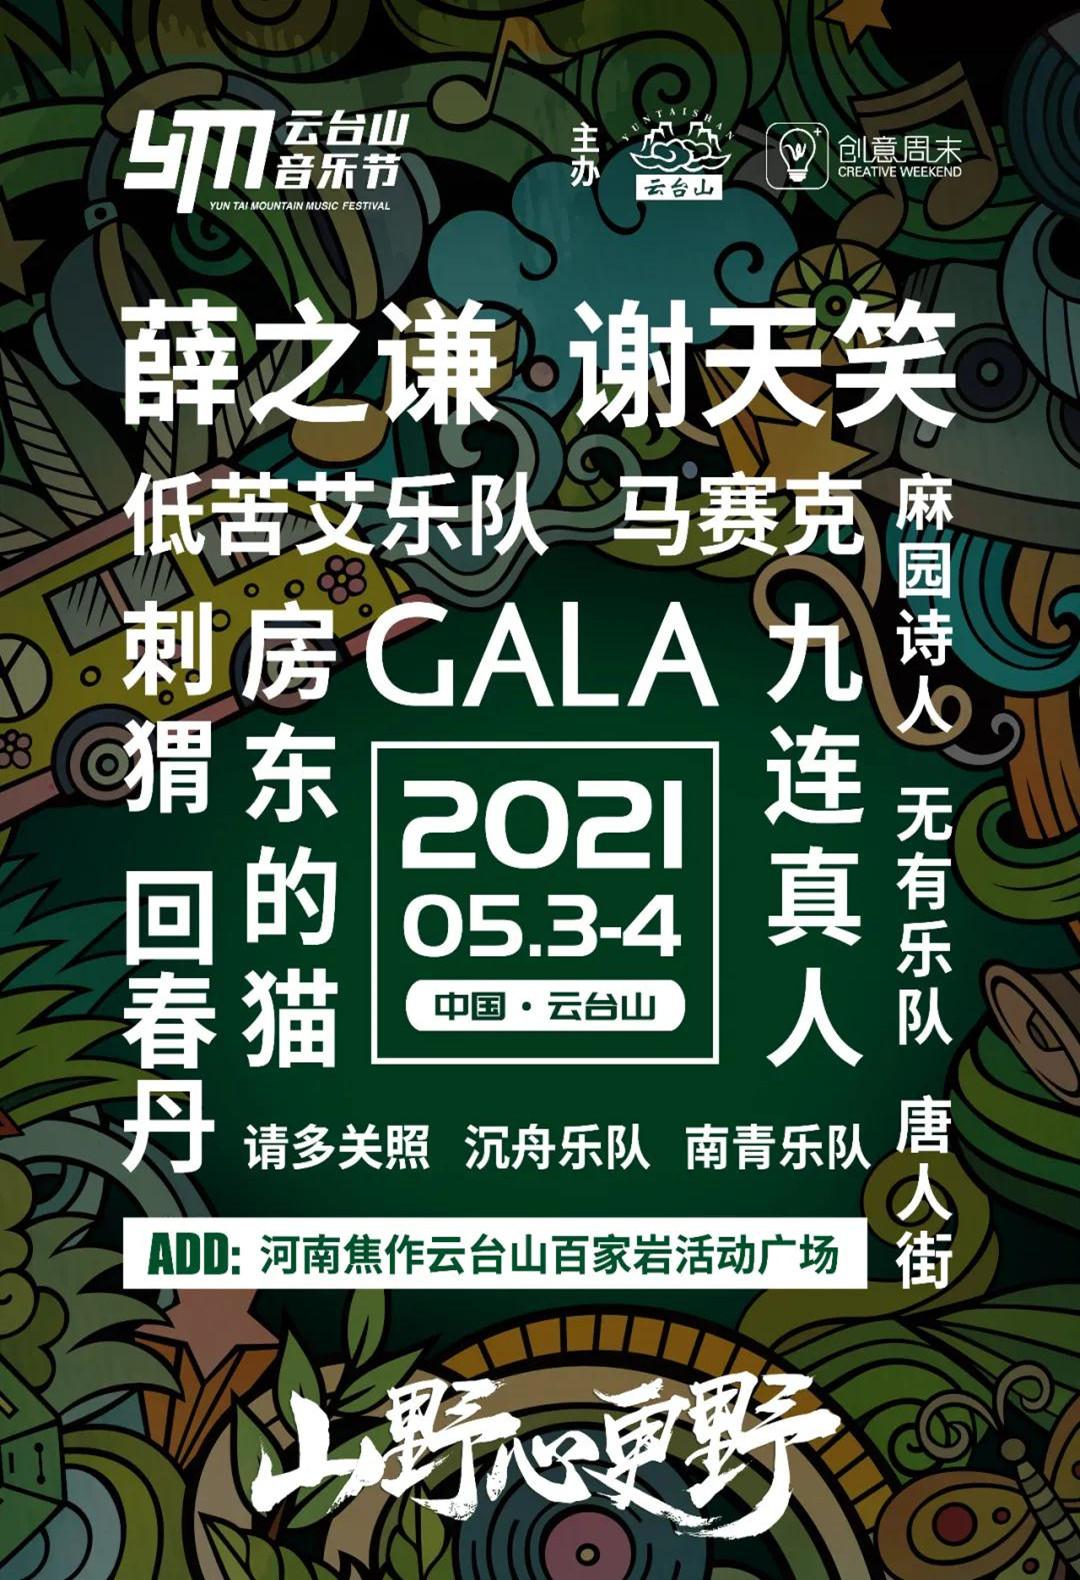 2021云台山音乐节演出票价是多少?